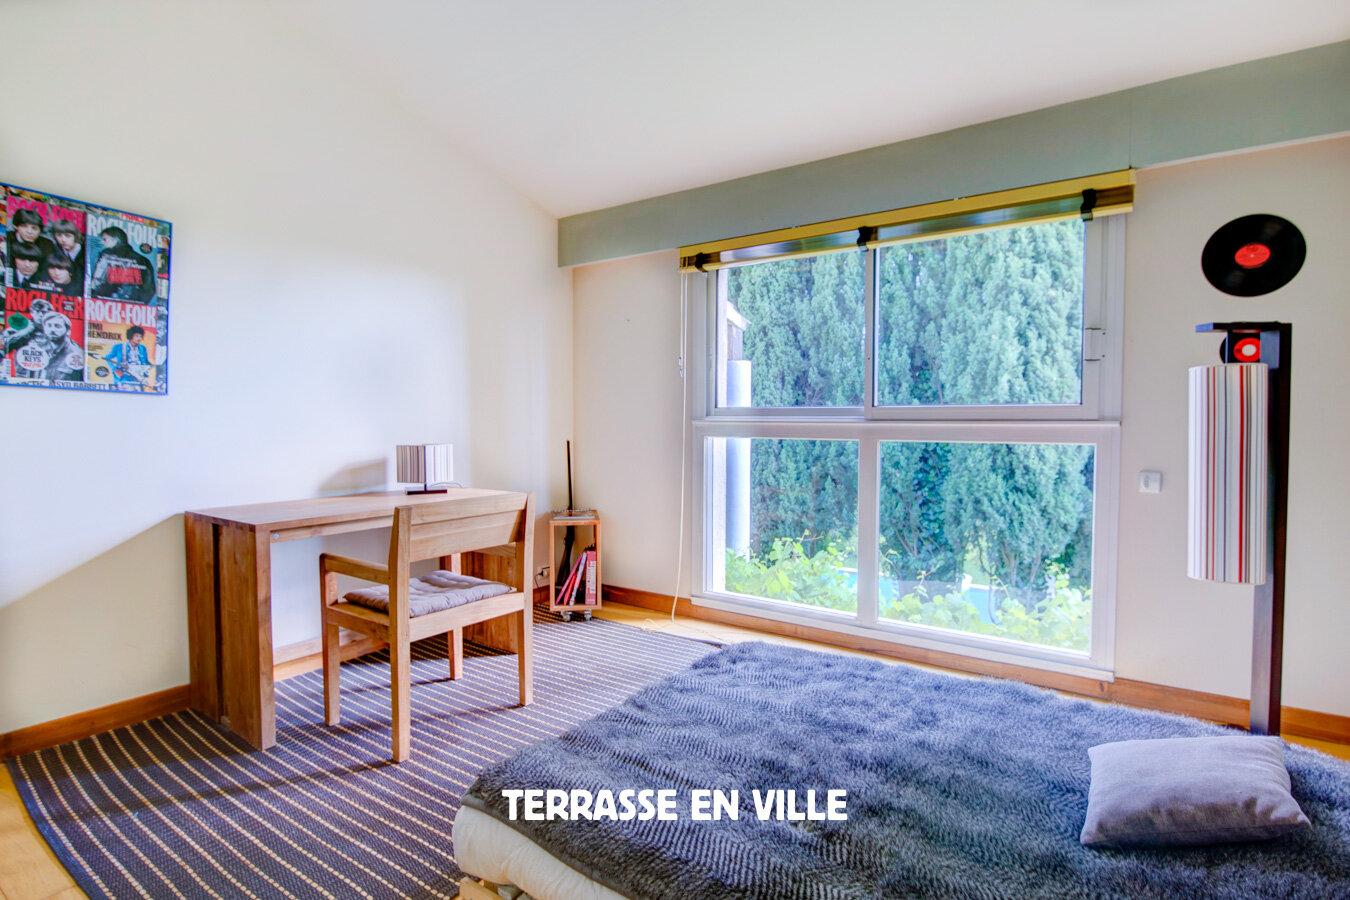 TERRASSE EN VILLE-10 2.jpg